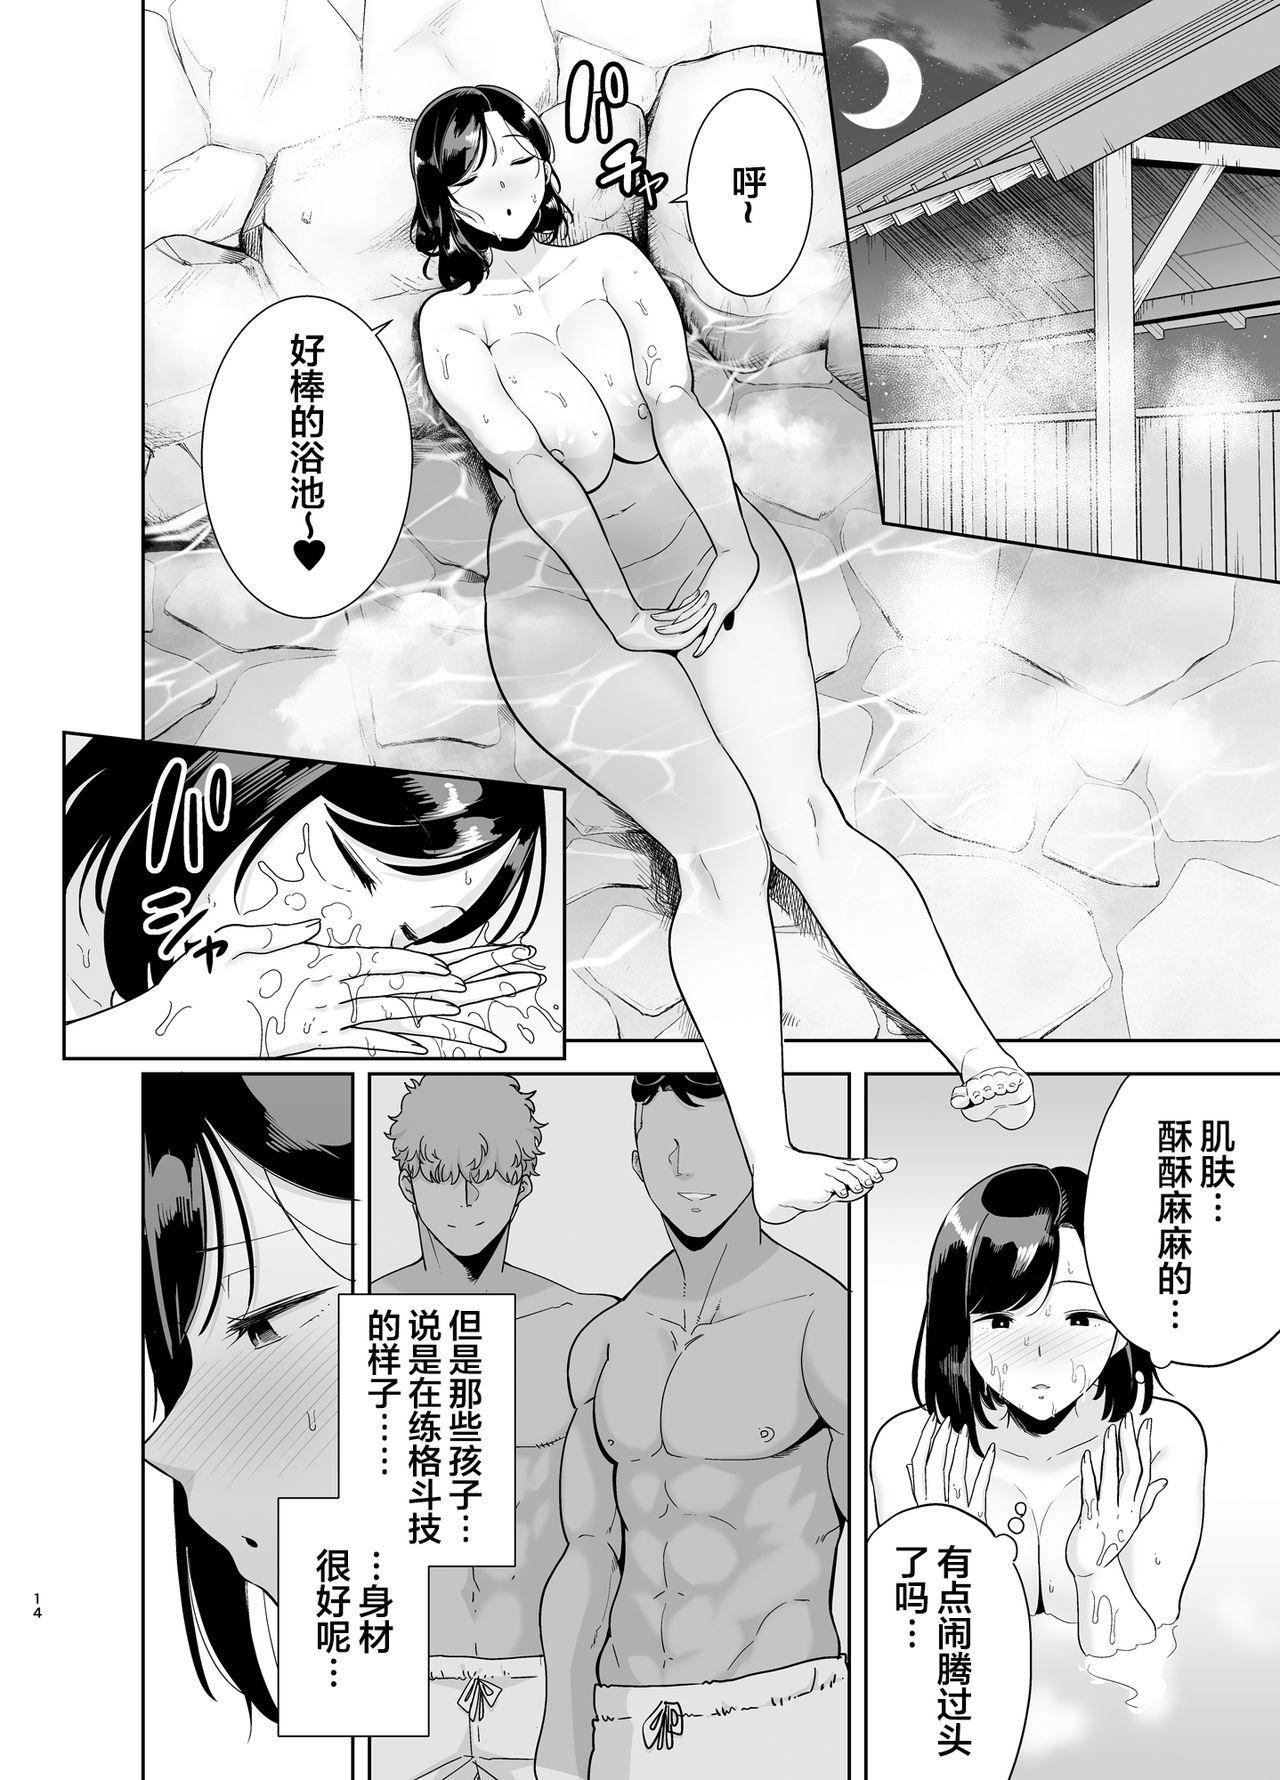 [DOLL PLAY (Kurosu Gatari)] Natsuzuma ~Natsu, Ryokan, Nanpa Otoko-tachi ni Ochita Tsuma~ Megane Nashi [Chinese] [翻车汉化组] 12